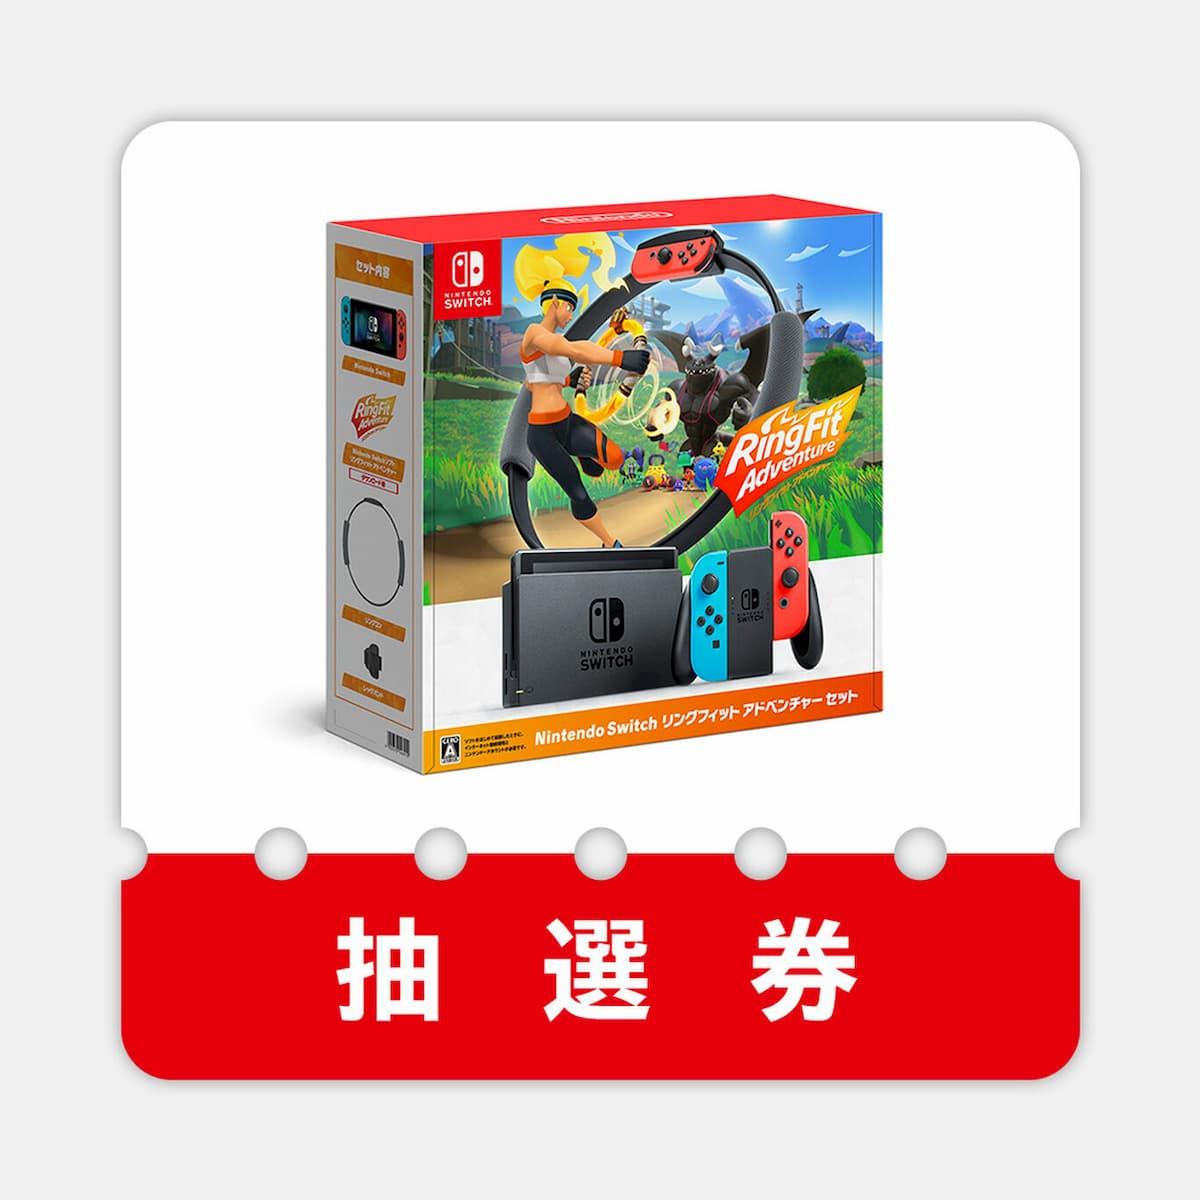 Nintendo Switch リングフィット アドベンチャー セット抽選券